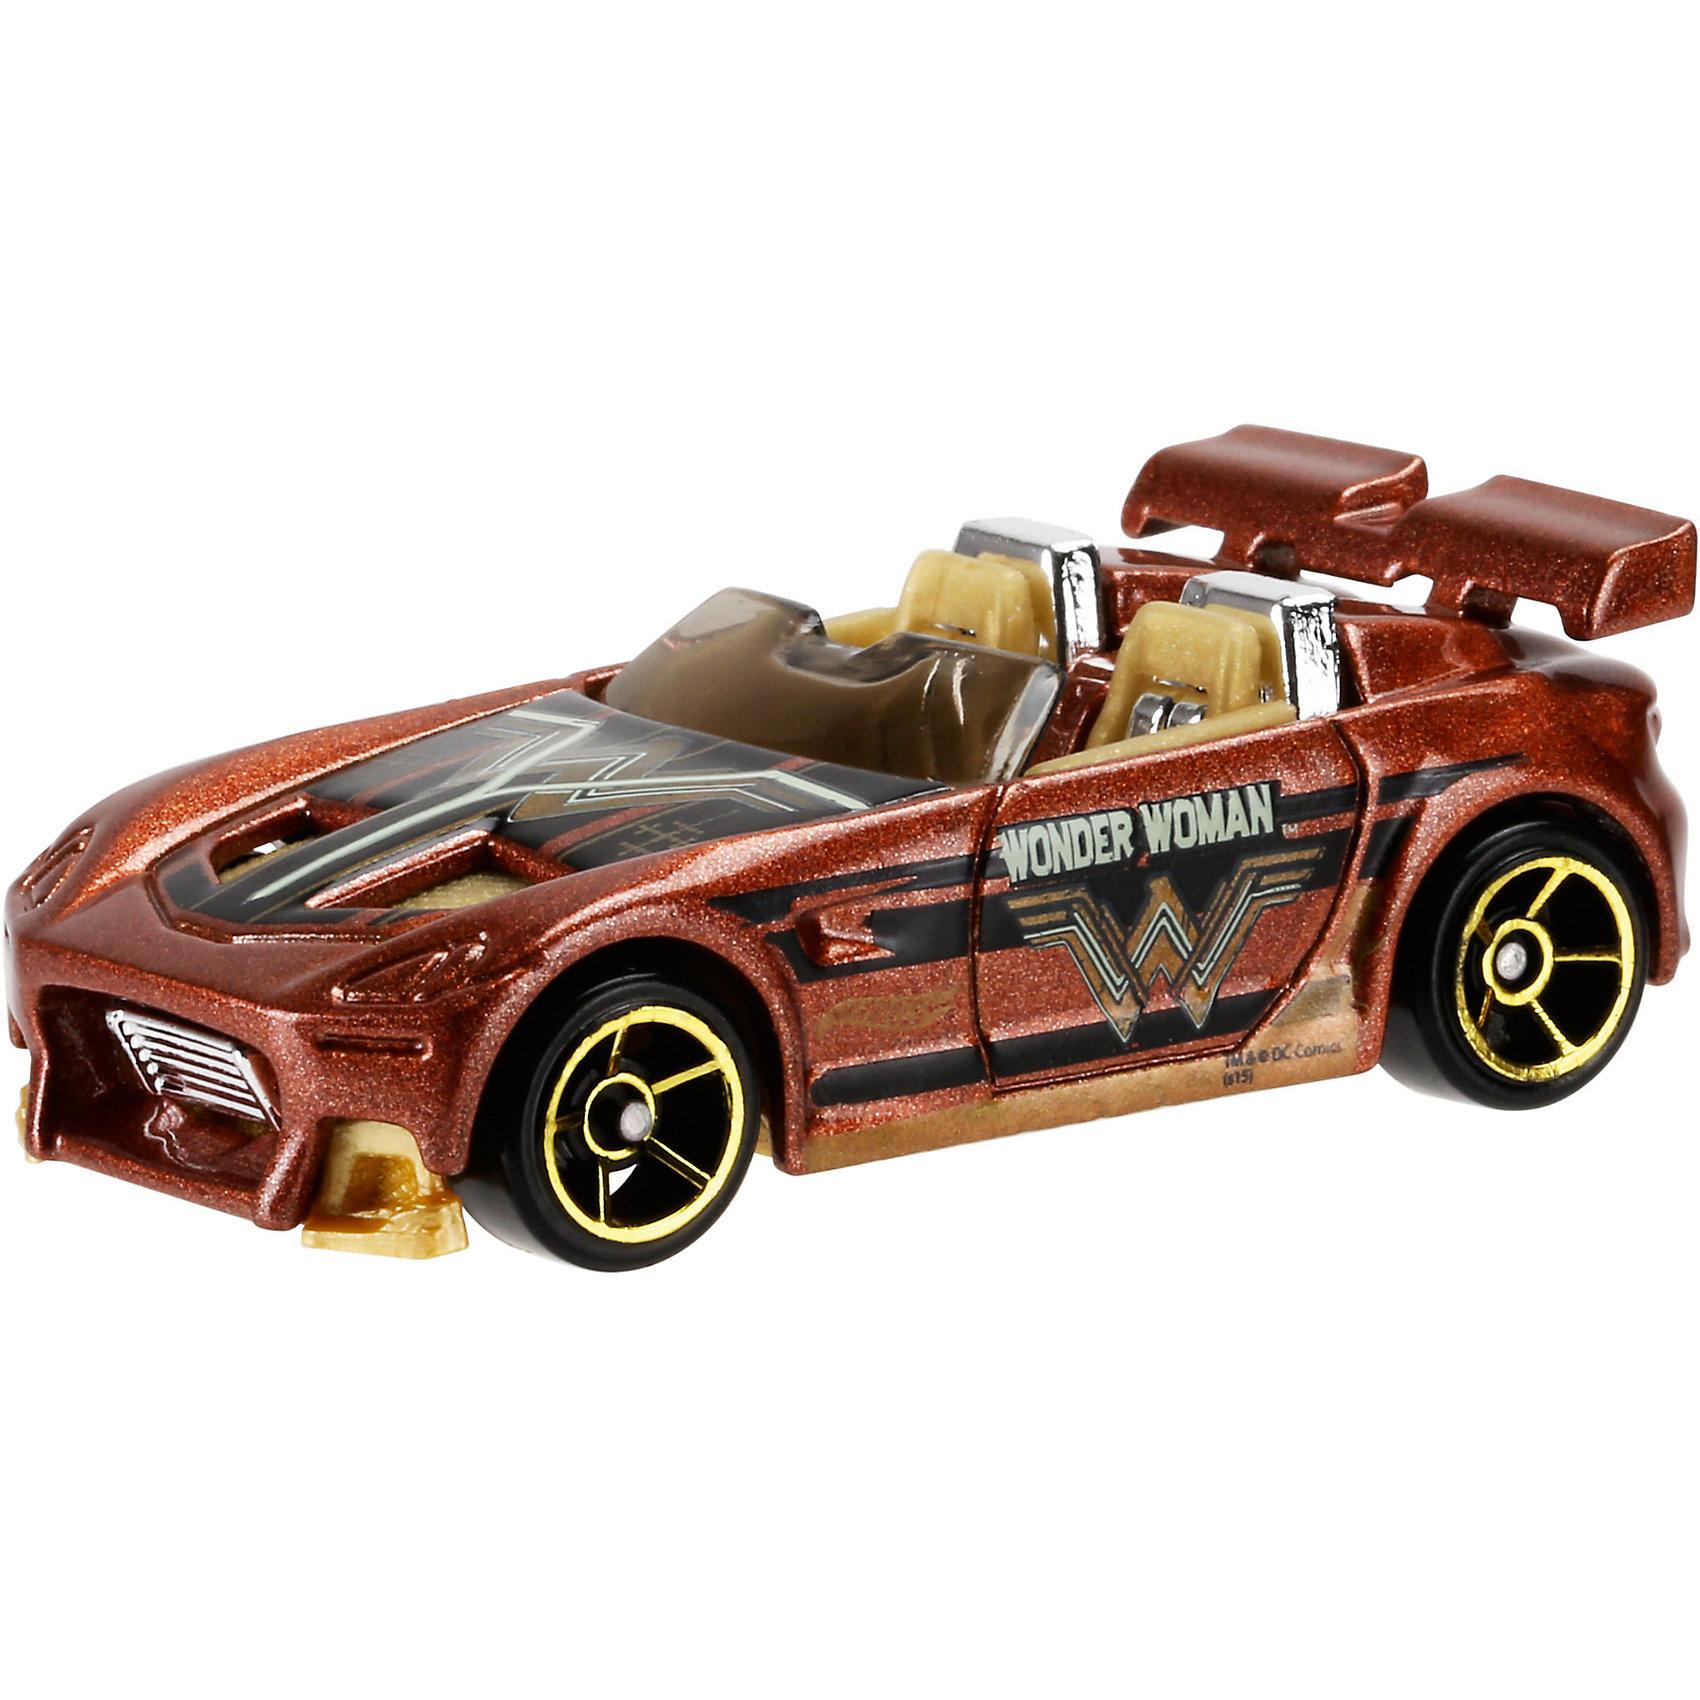 Машинка Бэтмен против Супермена, Hot WheelsБэтмен<br>Отличный подарок для любителей комиксов Marvel про супергероев - машинки от Hot Wheels. Машинка представляет собой модель, вдохновленную новым фильмом Бэтмен против Супермена: На заре справедливости. Из машинок в масштабе 1:64 можно собрать коллекцию! Игрушка выполнена так, что с виду она кажется точной копией настоящей машины супергероя благодаря внимательному отношению к деталям. Колесики машинки вращаются.<br>Игрушка имеет такой размер, при котором ребенку удобно держать её в руках, а также брать с собой в гости или на прогулку. Такие игрушки помогают развить мелкую моторику, логическое мышление и воображение ребенка. Эта игрушка выполнена из высококачественного прочного пластика, безопасного для детей.<br>  <br>Дополнительная информация:<br><br>масштаб: 1:64; <br>размер упаковки: 35 х 110 х 165 мм; <br>цвет: разноцветный;<br>материал: пластик., металл;<br>вес: 58 г.<br><br>Машинку Бэтмен против Супермена, Hot Wheels от компании Mattel можно купить в нашем магазине.<br><br>Ширина мм: 35<br>Глубина мм: 110<br>Высота мм: 165<br>Вес г: 58<br>Возраст от месяцев: 48<br>Возраст до месяцев: 84<br>Пол: Мужской<br>Возраст: Детский<br>SKU: 4791166